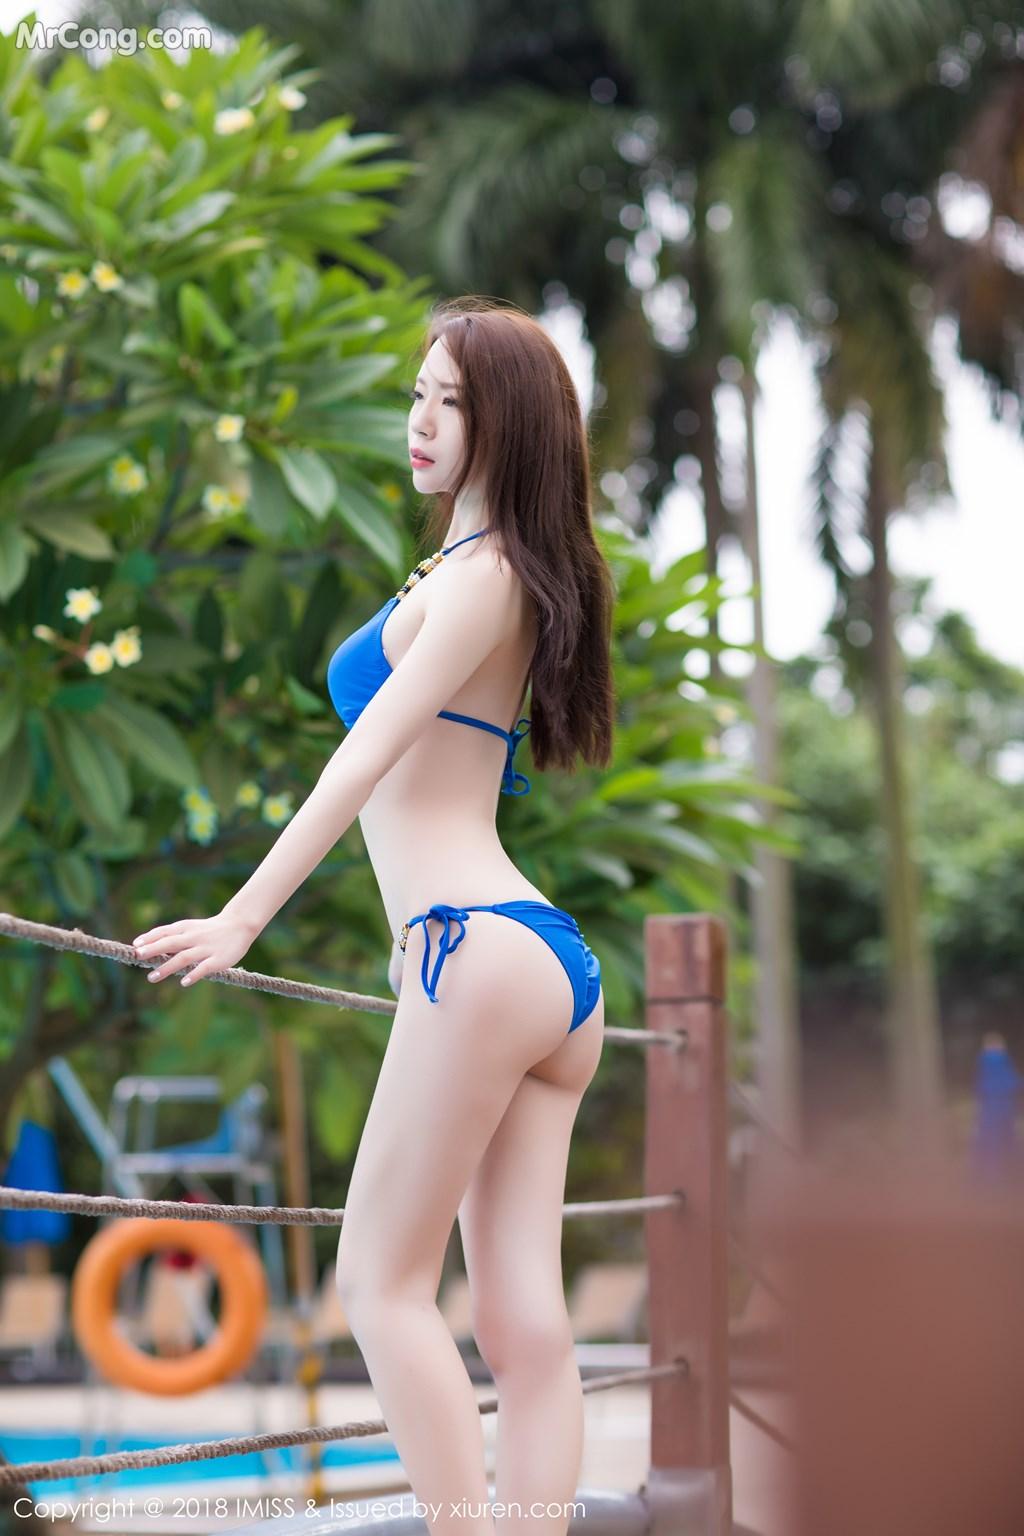 Image IMISS-Vol.234-Meng-Xin-Yue-MrCong.com-005 in post IMISS Vol.234: Người mẫu Meng Xin Yue (梦心月) (60 ảnh)